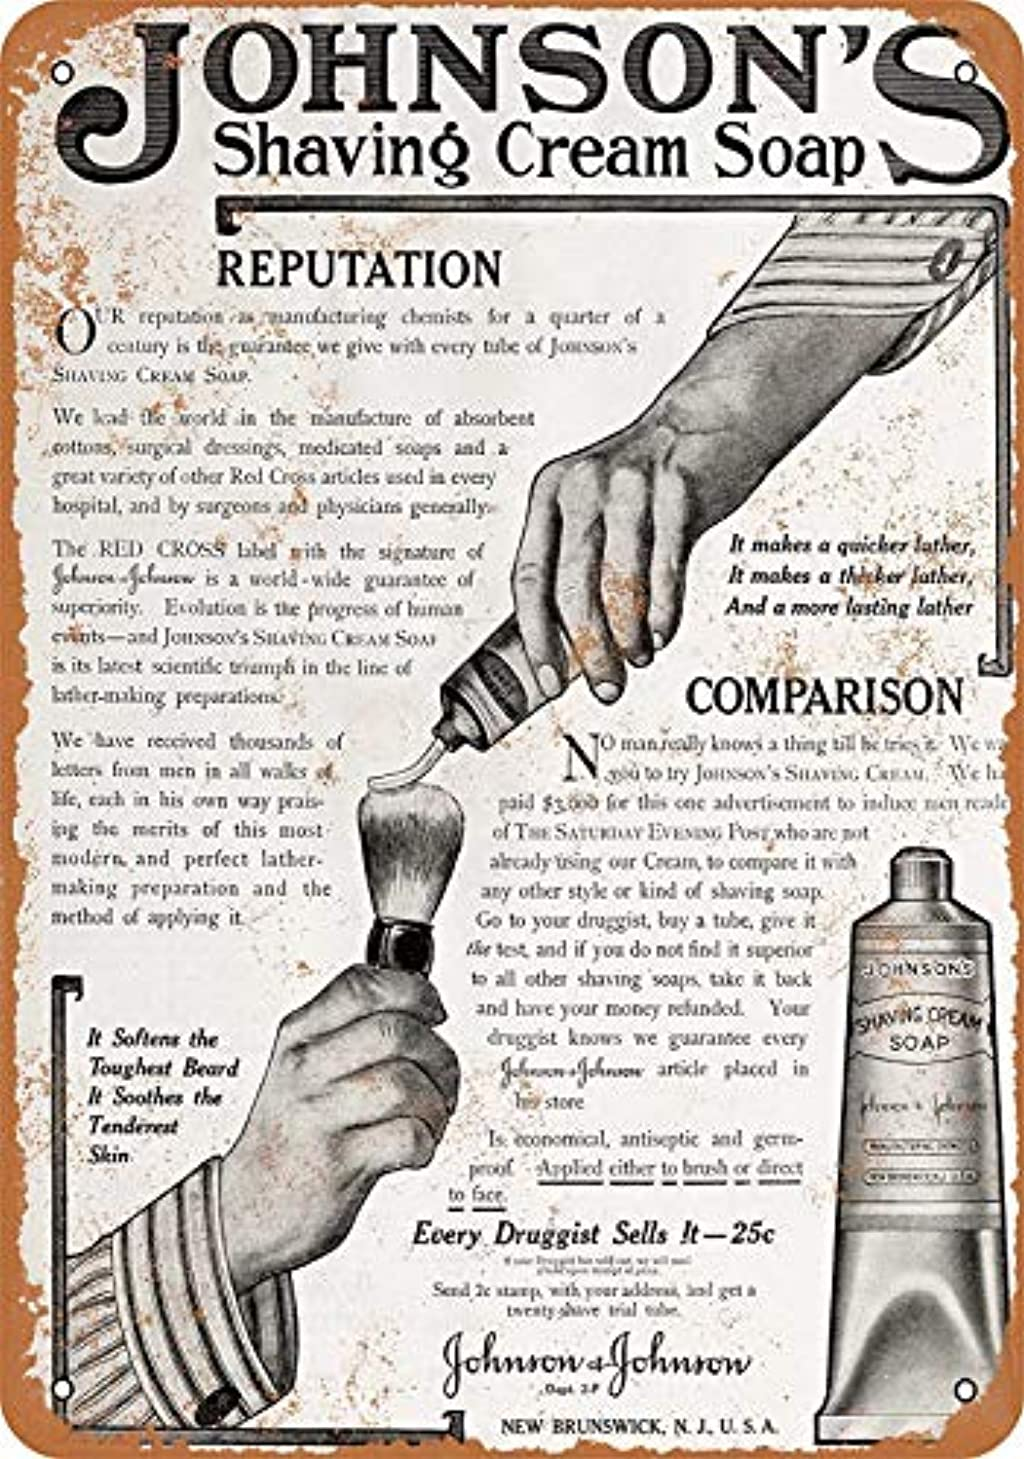 前任者下品大騒ぎ[ZUNYI]おしゃれ 雑貨 ブリキ看板 Johnson's Shaving Cream Soap レトロスタイル 壁の装飾、家、パブ、ビール、ガレージ、庭、コーヒー[20x30cm]